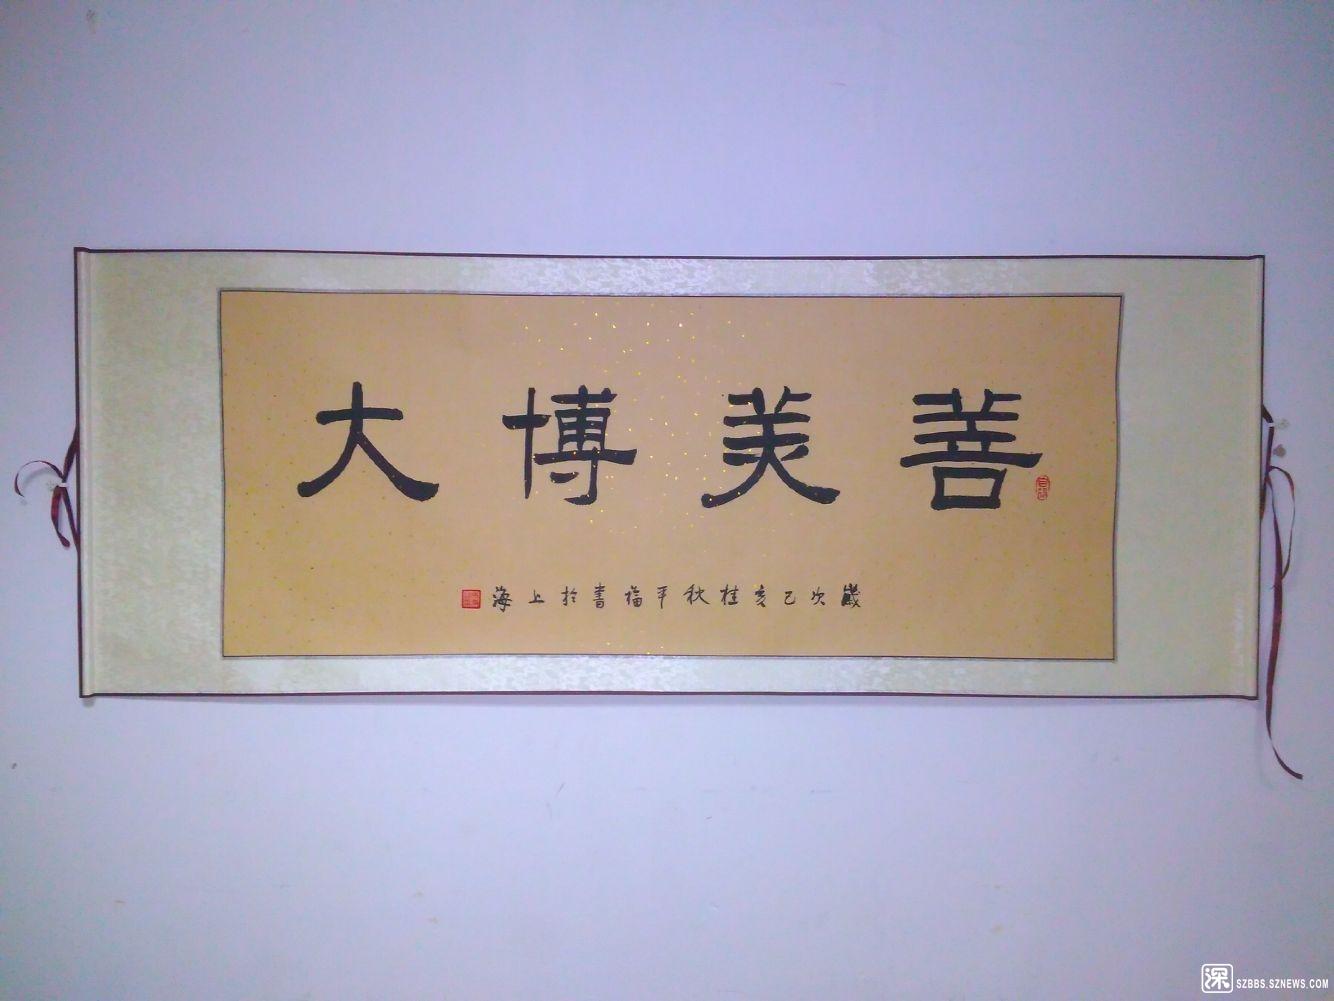 马平福 国际知名书画家 收藏级艺术品2177.jpg